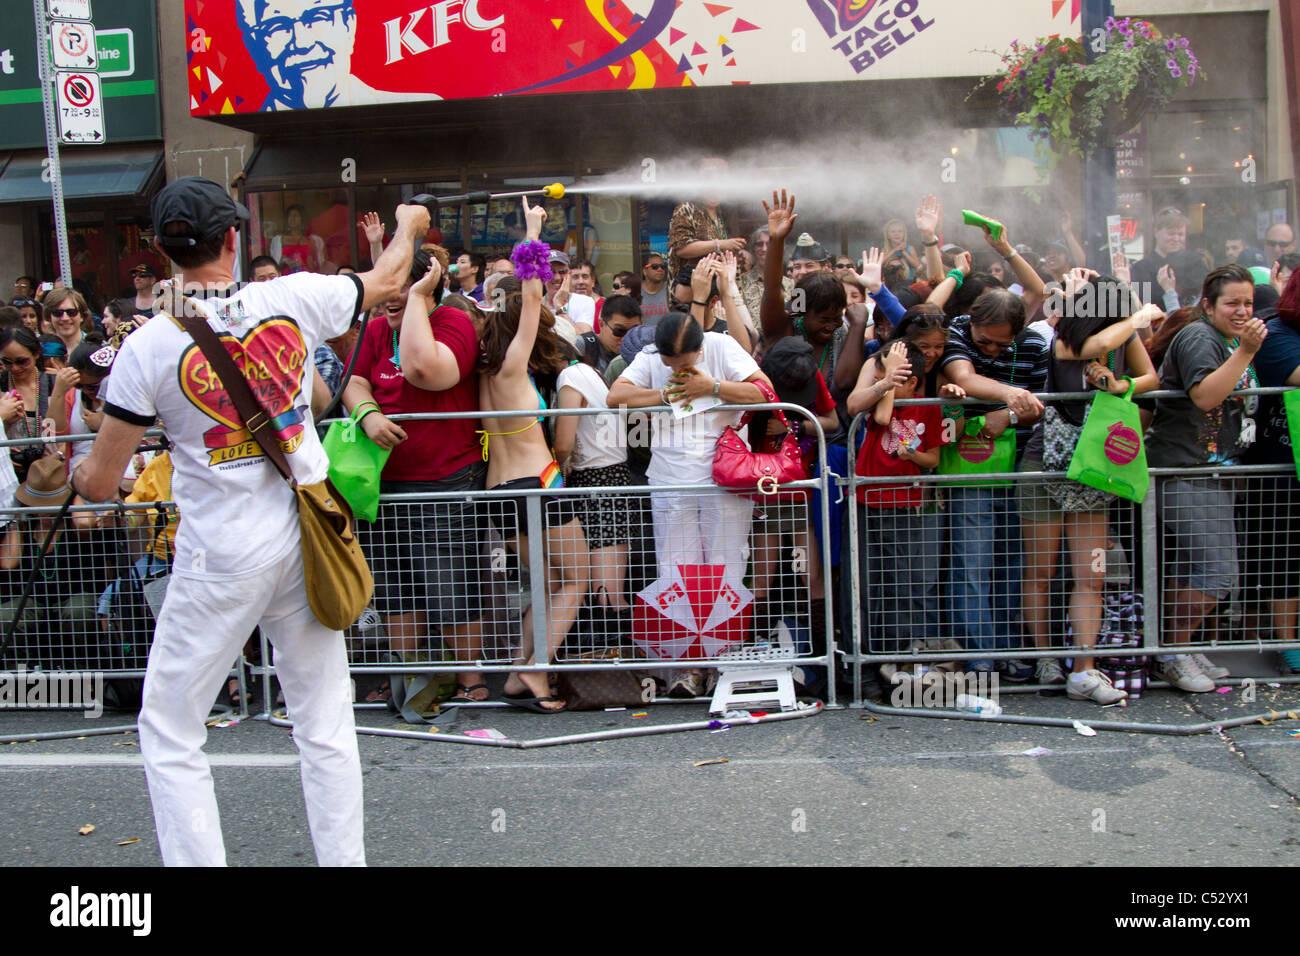 'water gun' splash splashing people pride parade - Stock Image